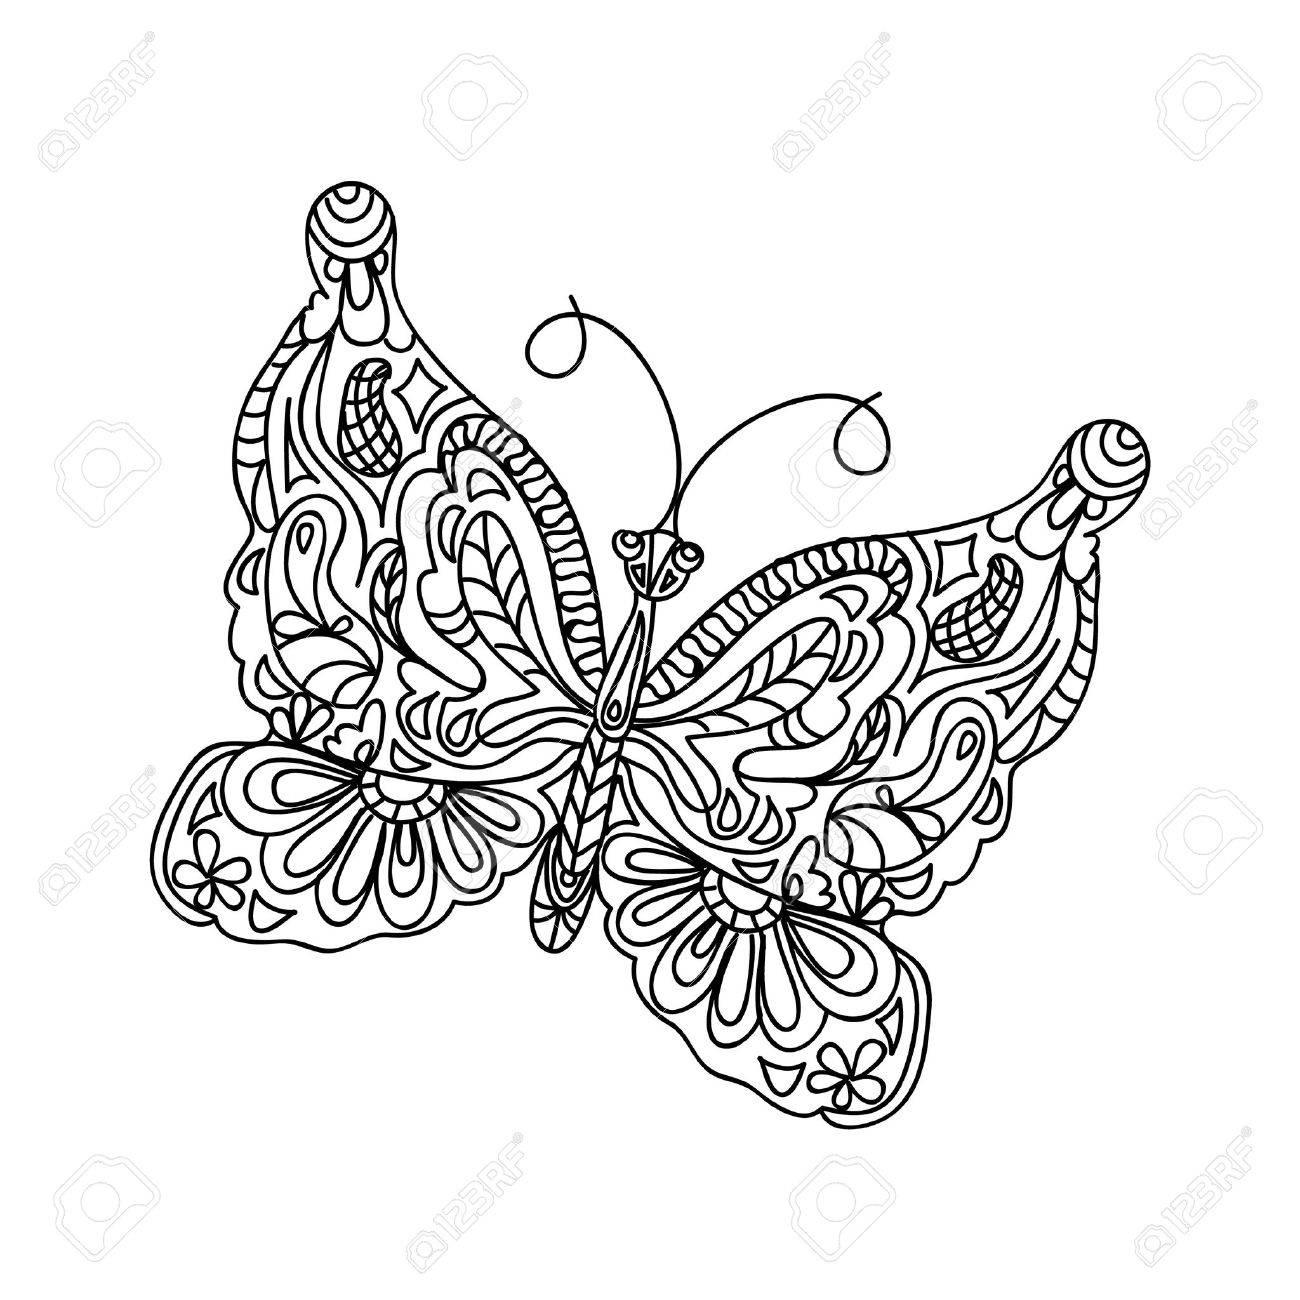 Beste Süße Schmetterlinge Malvorlagen Ideen ...